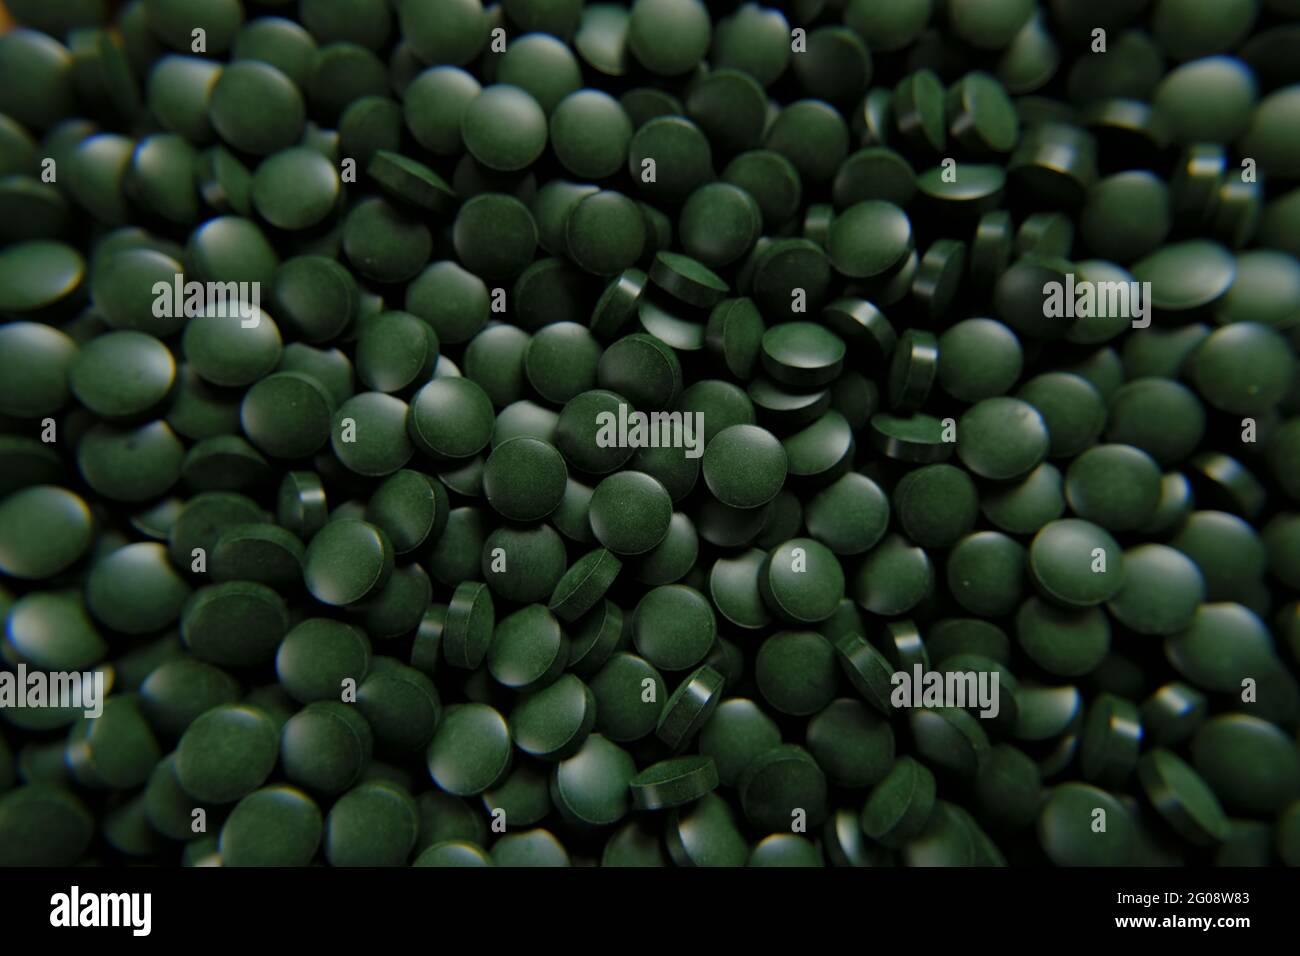 Spirulina píldoras verdes . Spirulina ALGAS VERDE TABLETAS.SUPER food.seaweed. Suplementos alimenticios para un estilo de vida saludable Foto de stock